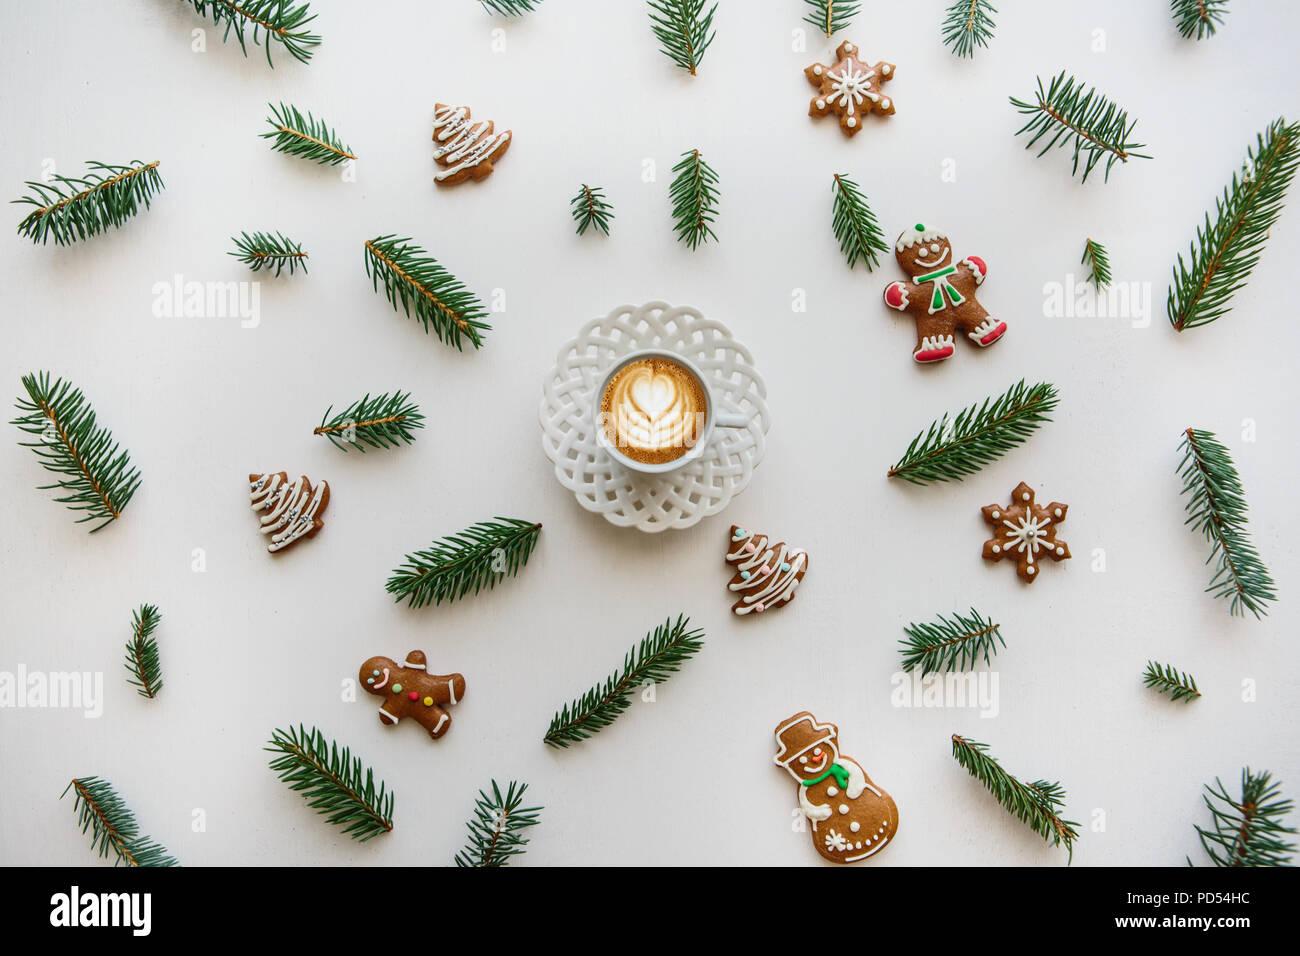 Bei einer Tasse frisch aromatisierte Cappuccino. Die Landschaft in der Nähe von Weihnachten oder Neujahr Stil. Weihnachten Konzept. Stockbild